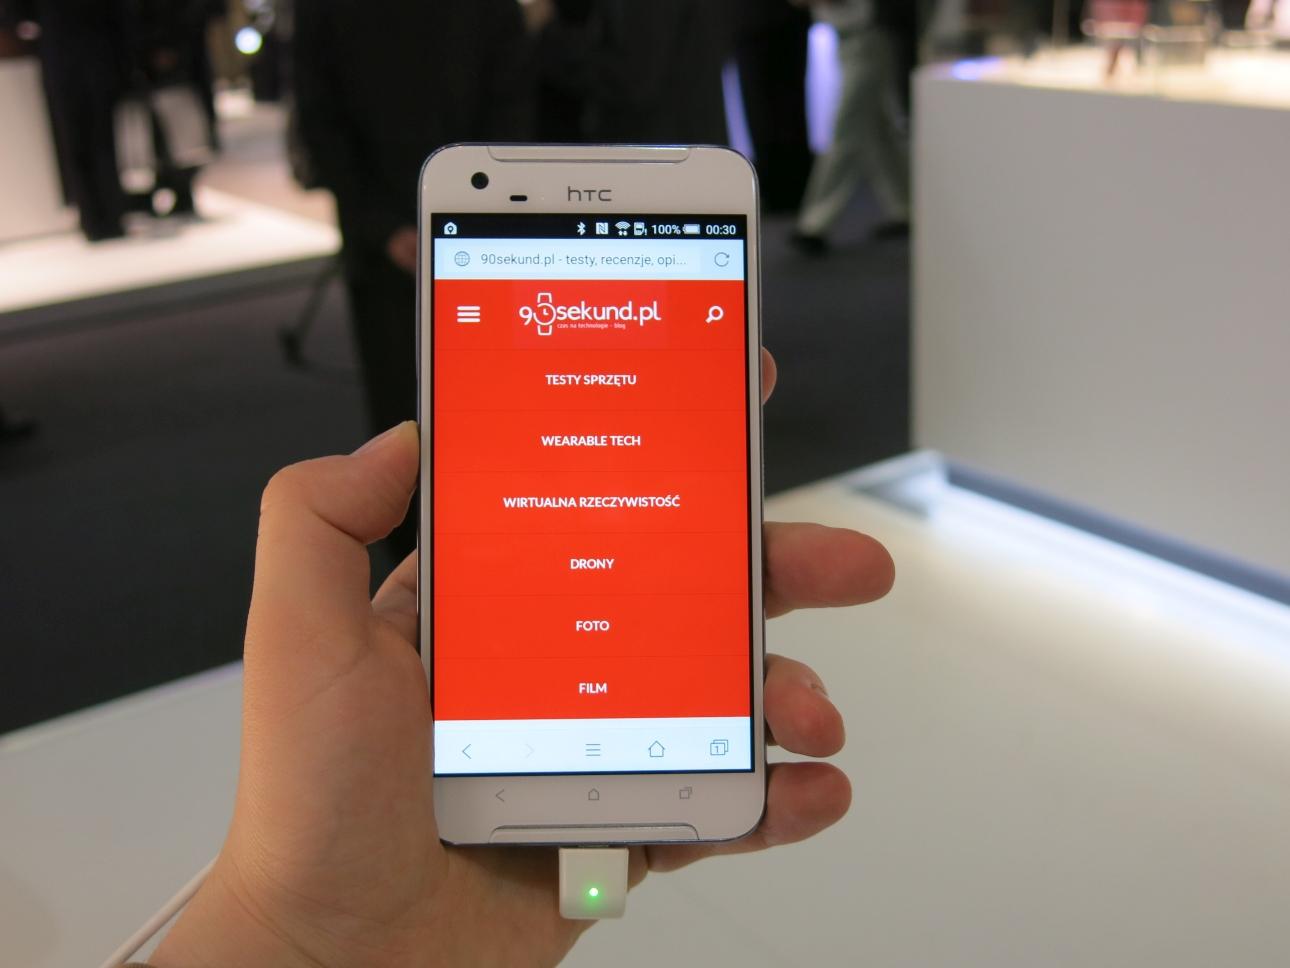 HTC One X9 - MWC2016 - 90sekund.pl